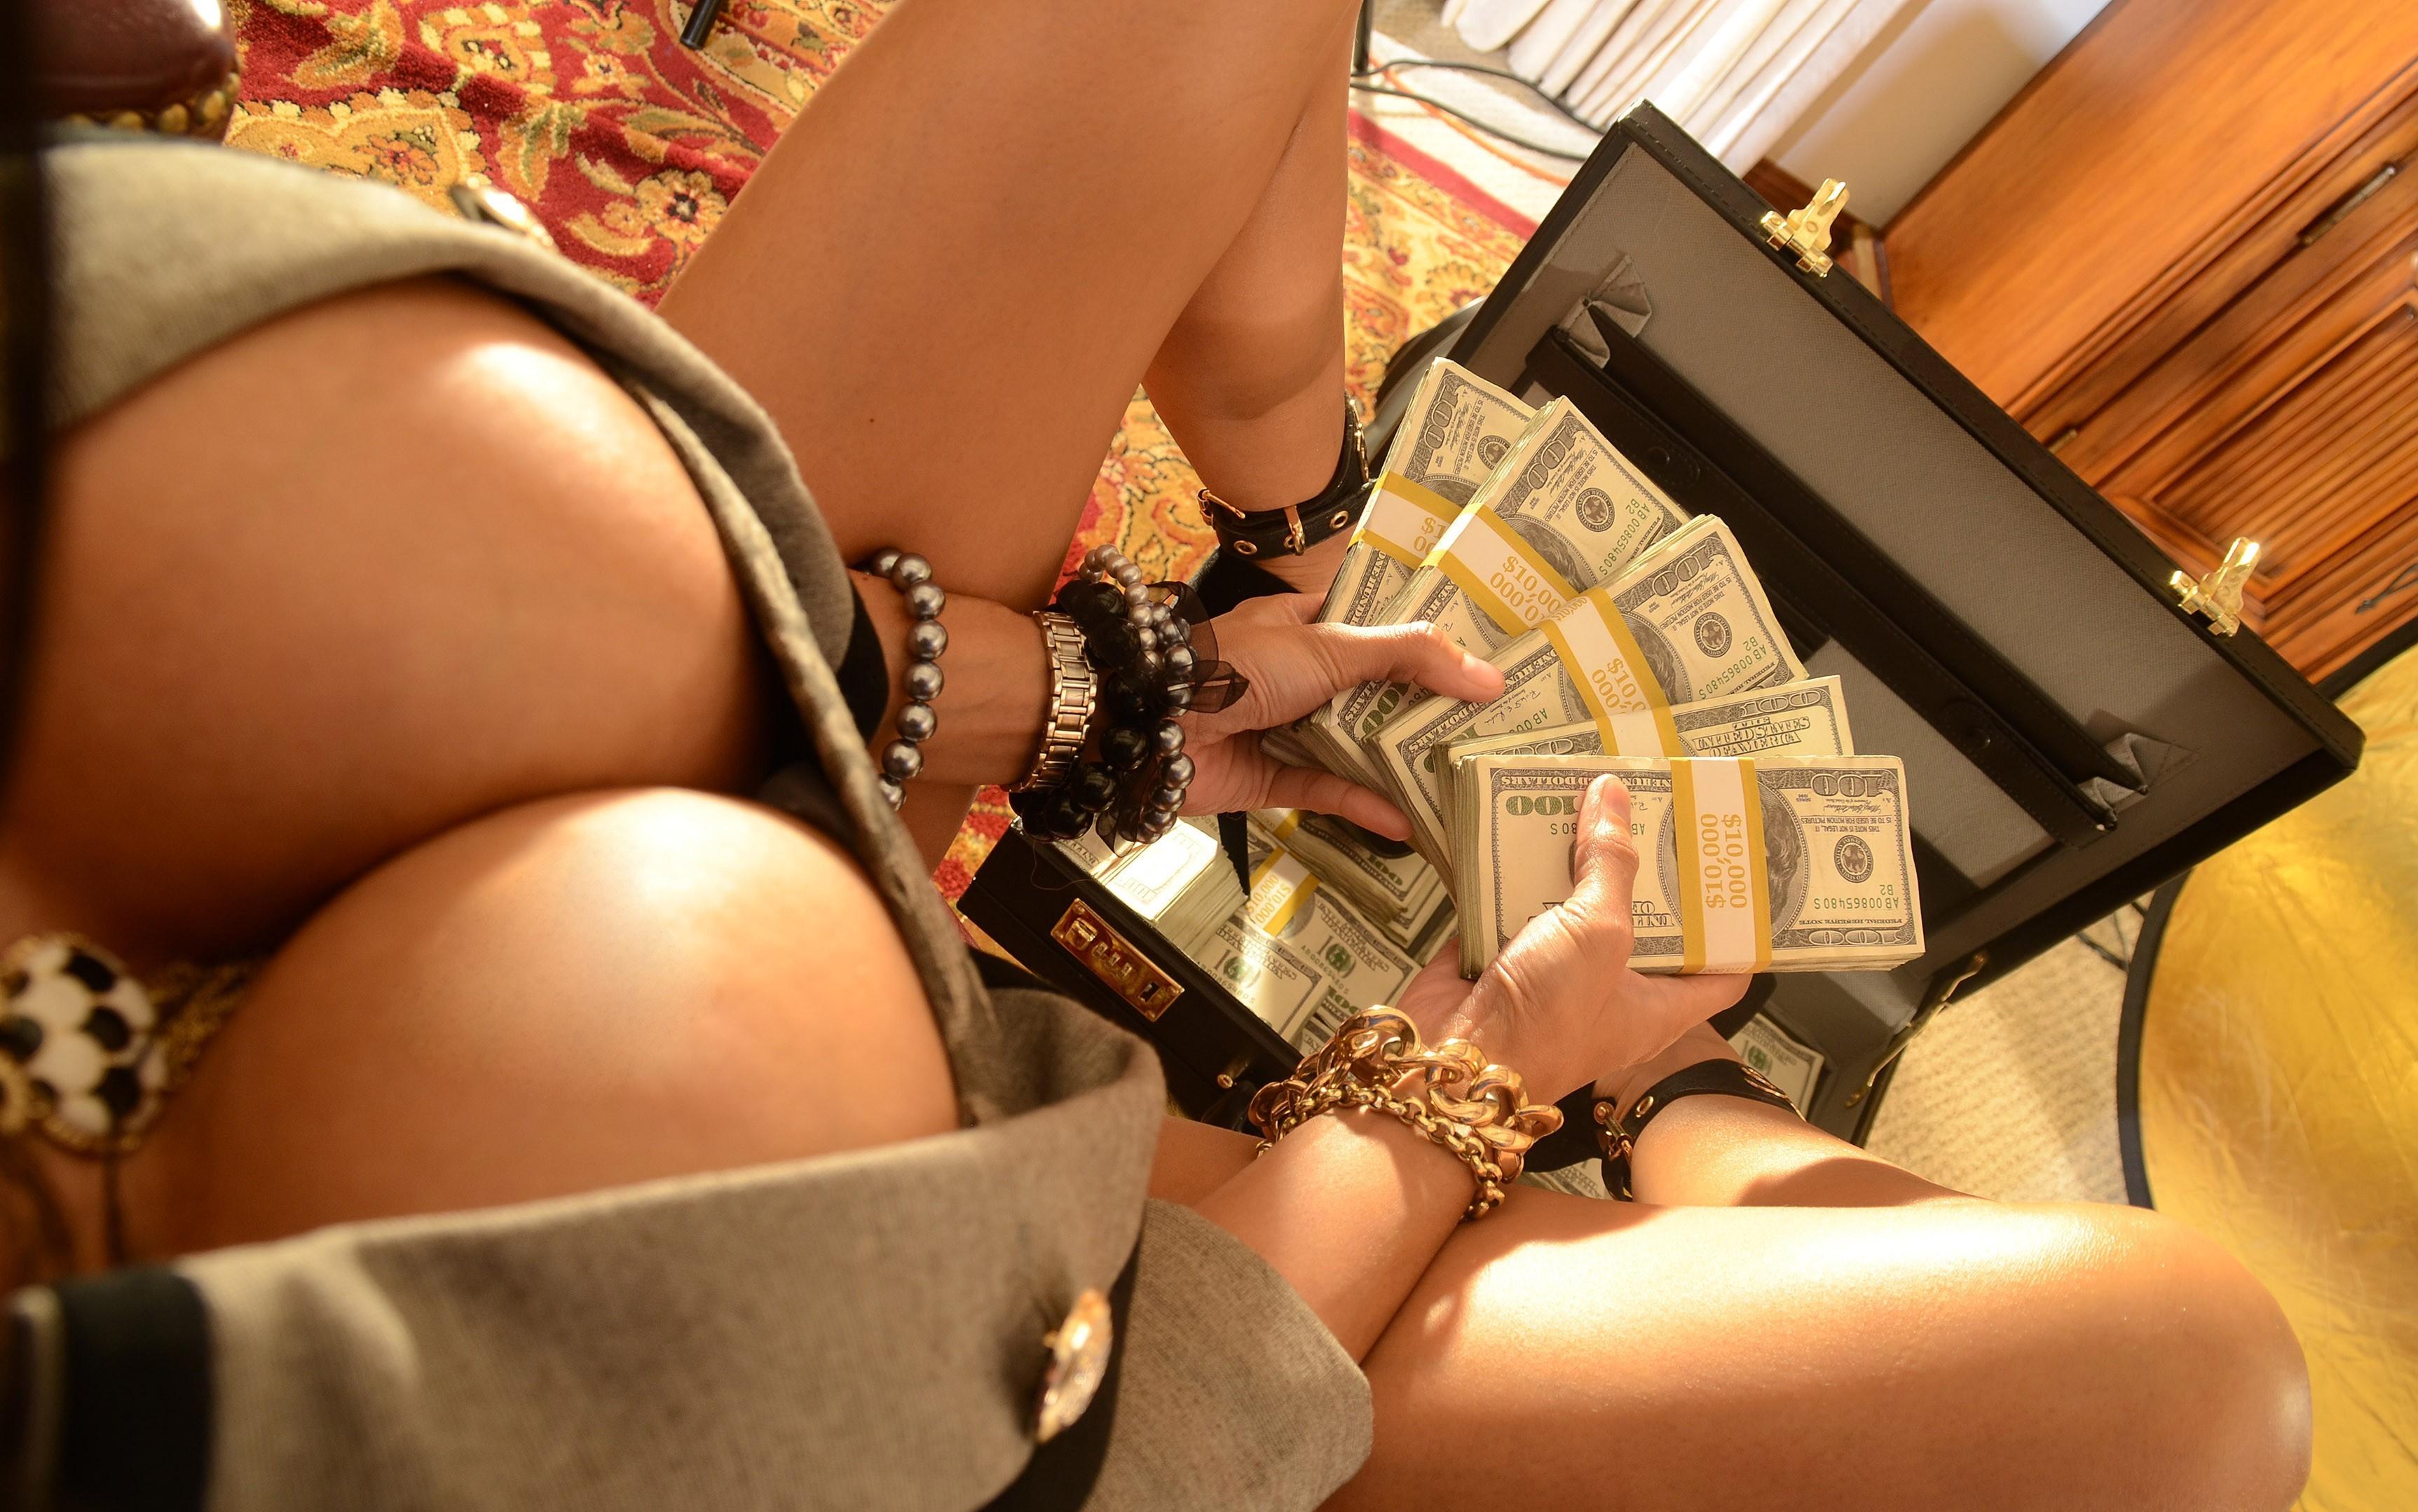 деньги под сиськой - 7